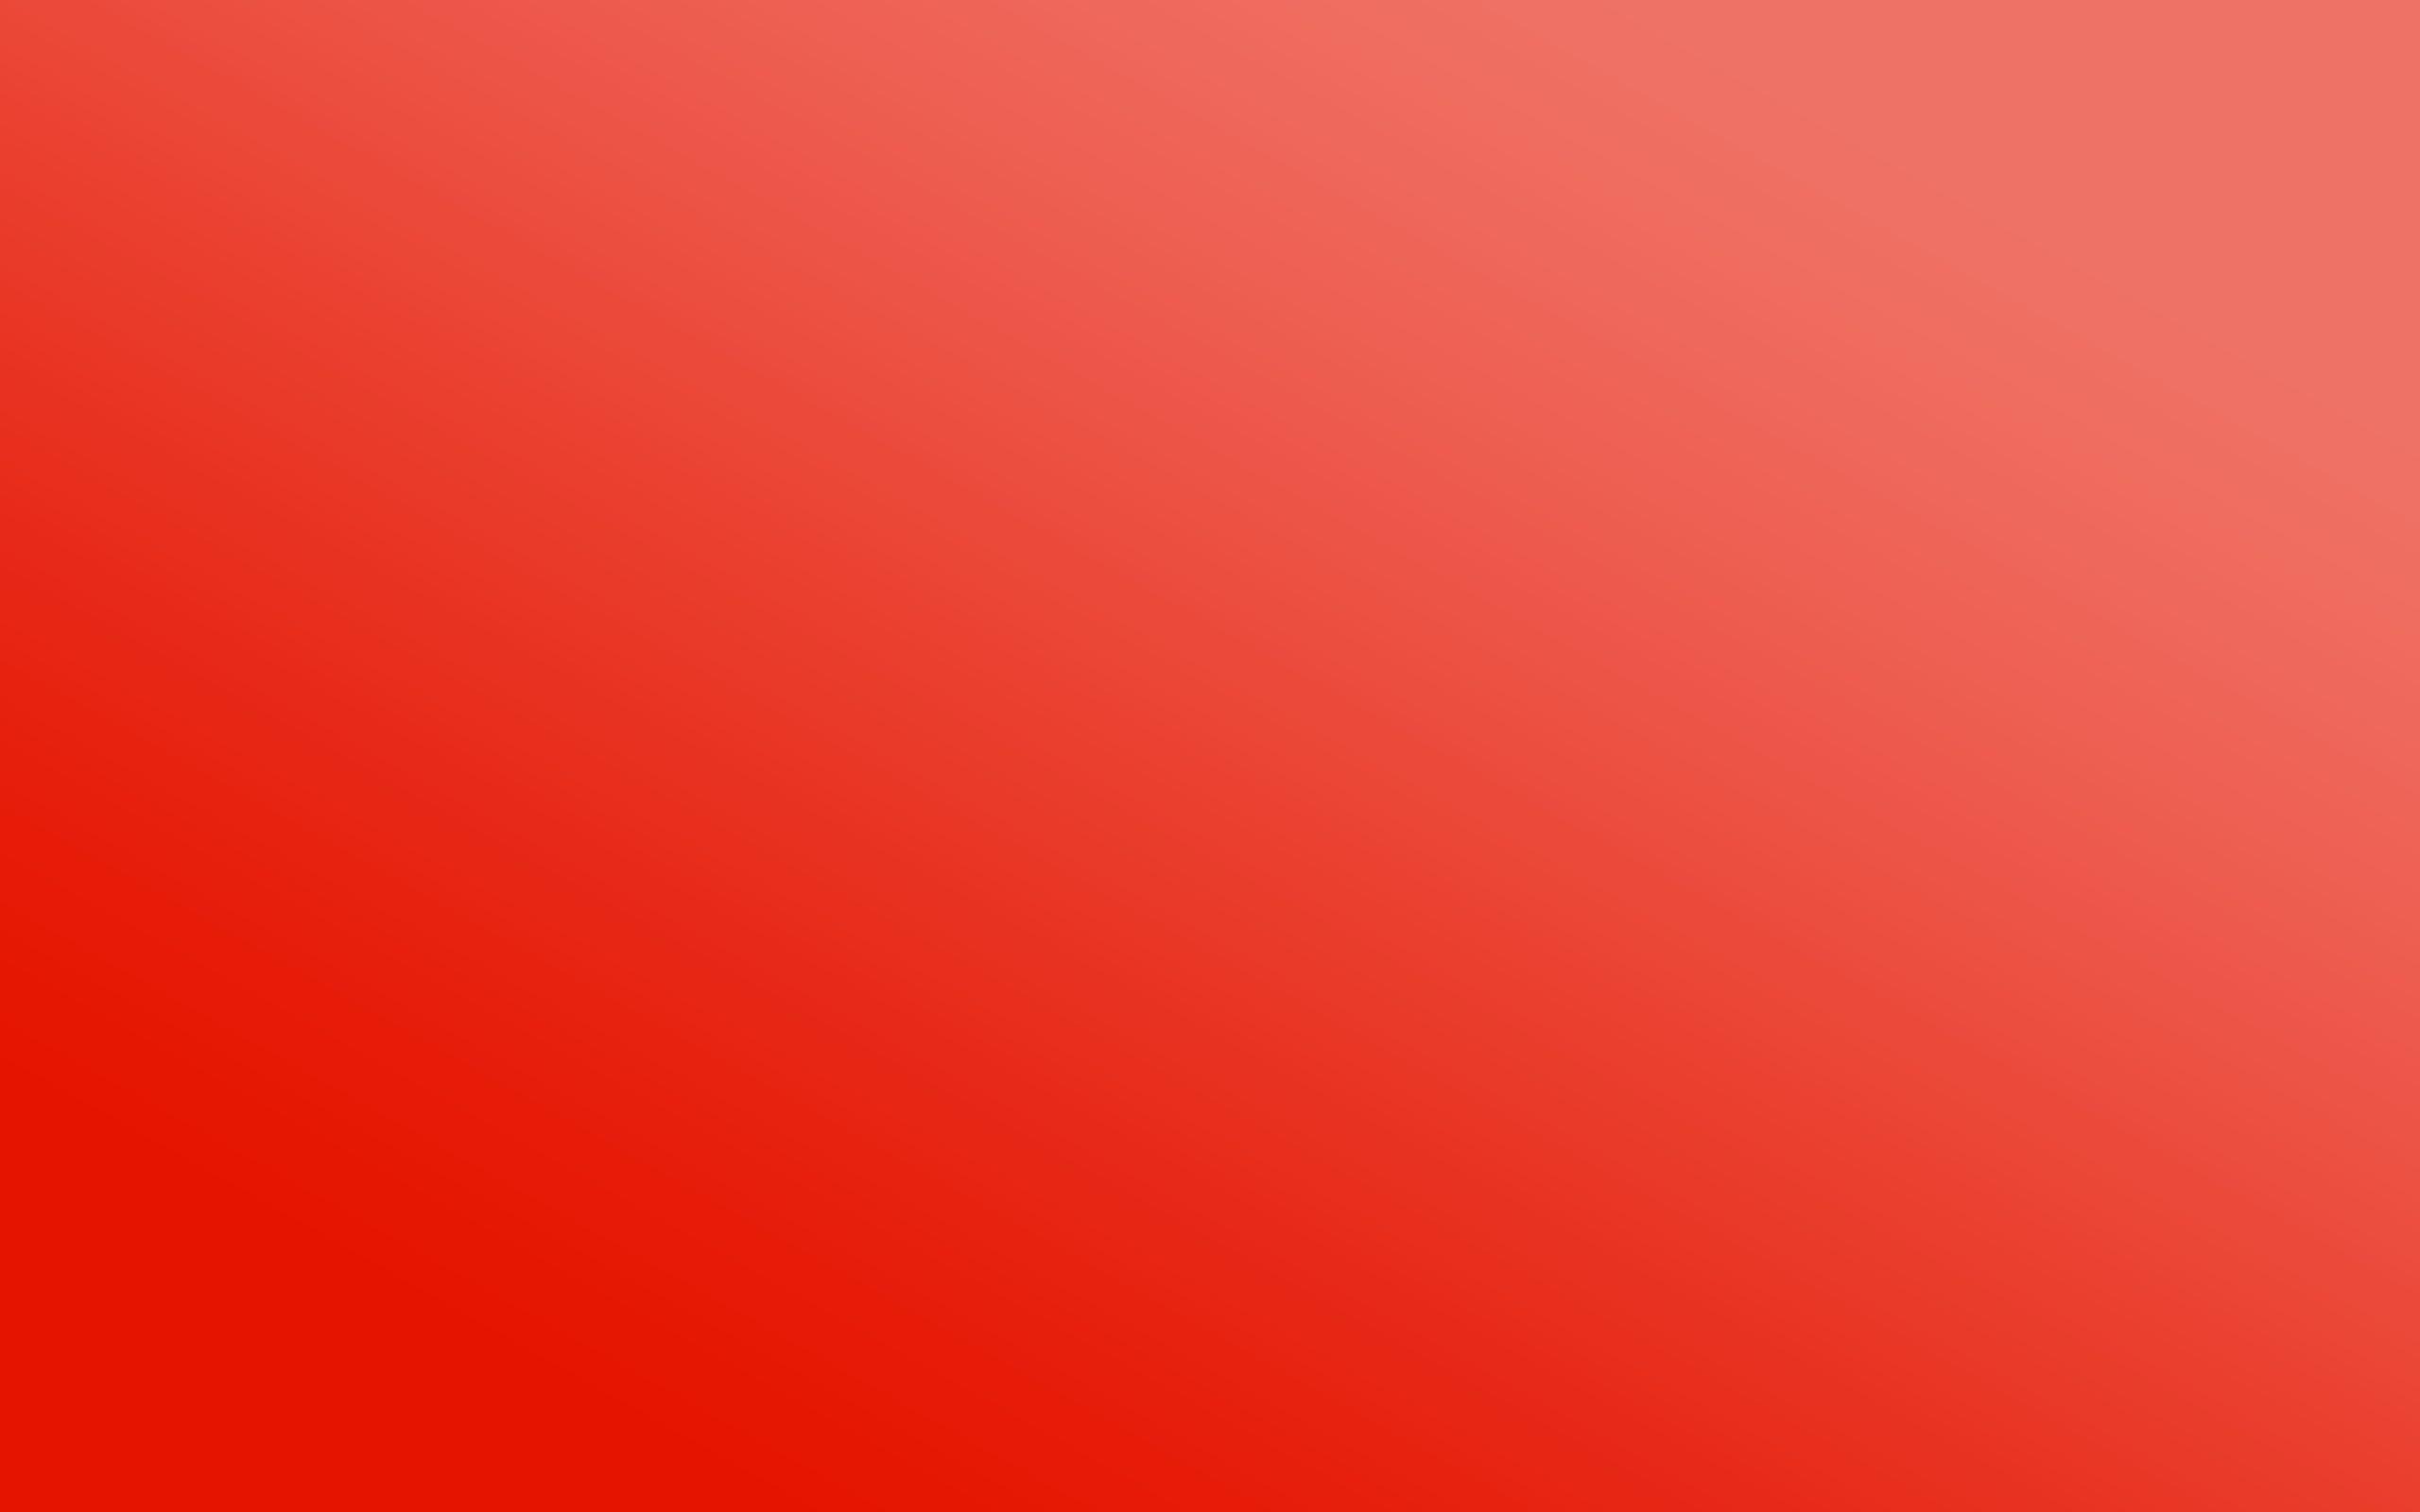 Plain Light Red Wallpaper 46972